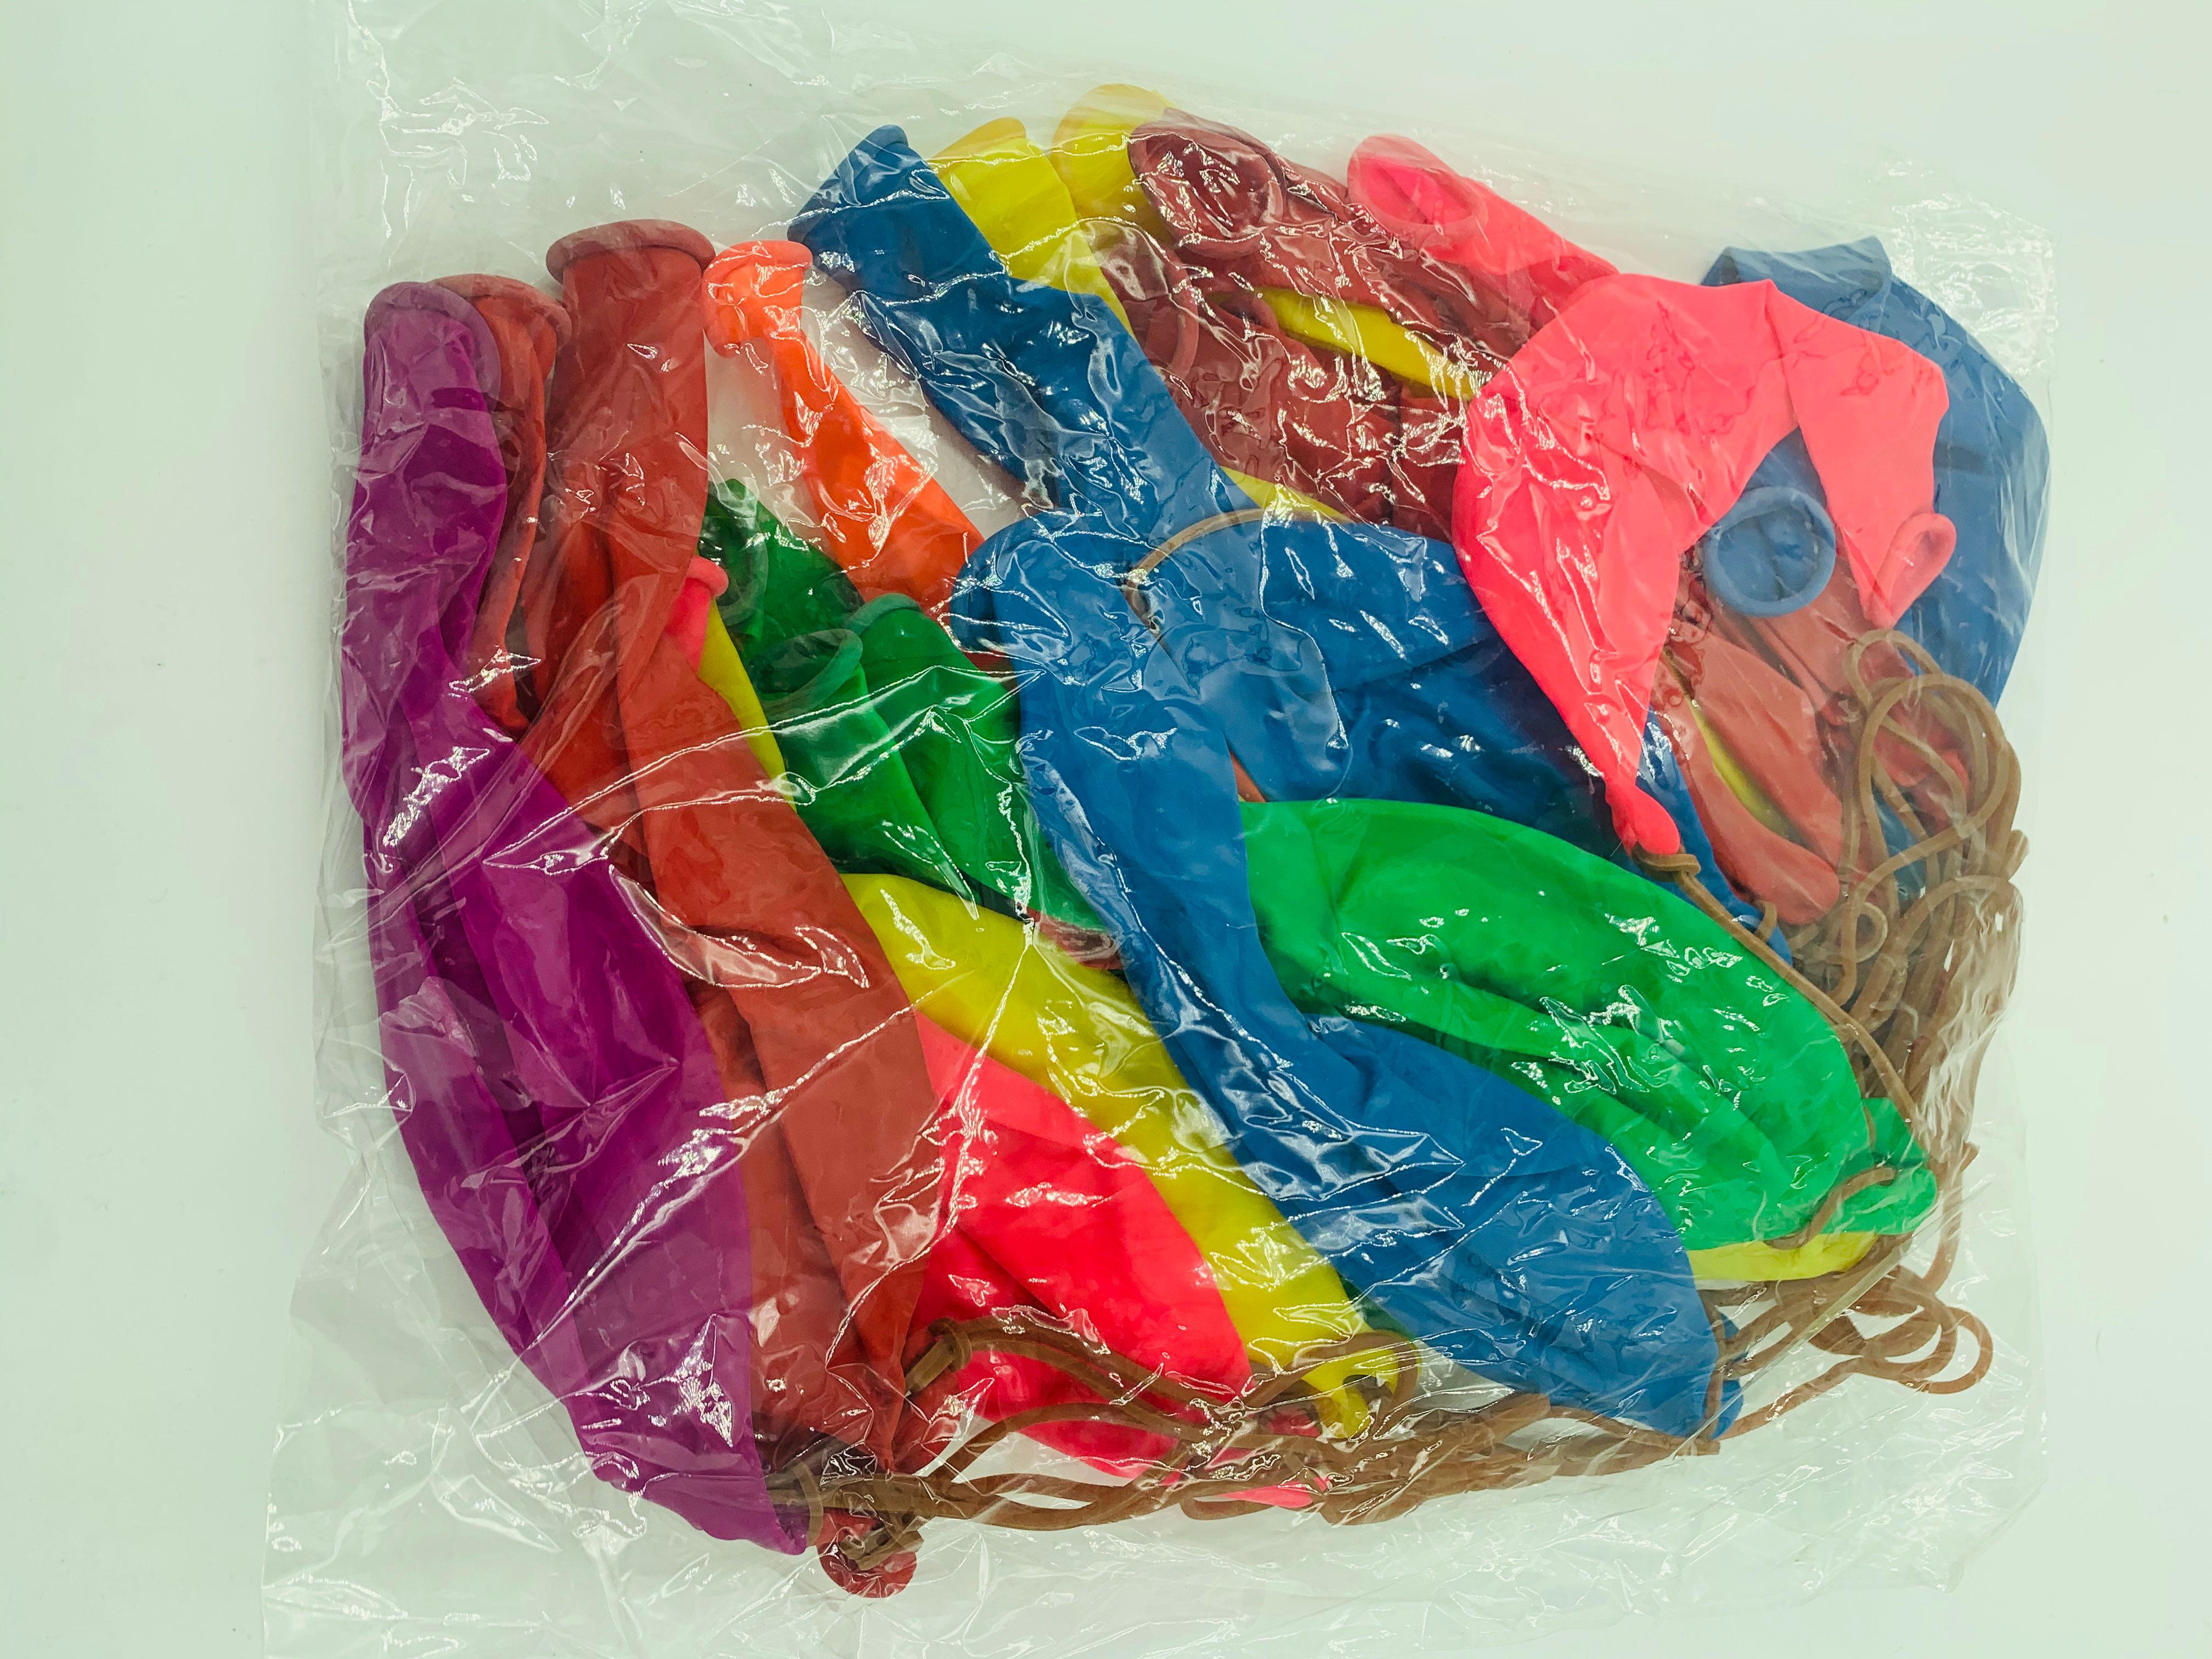 Punch Balloons - 20 Piece Bulk Bag